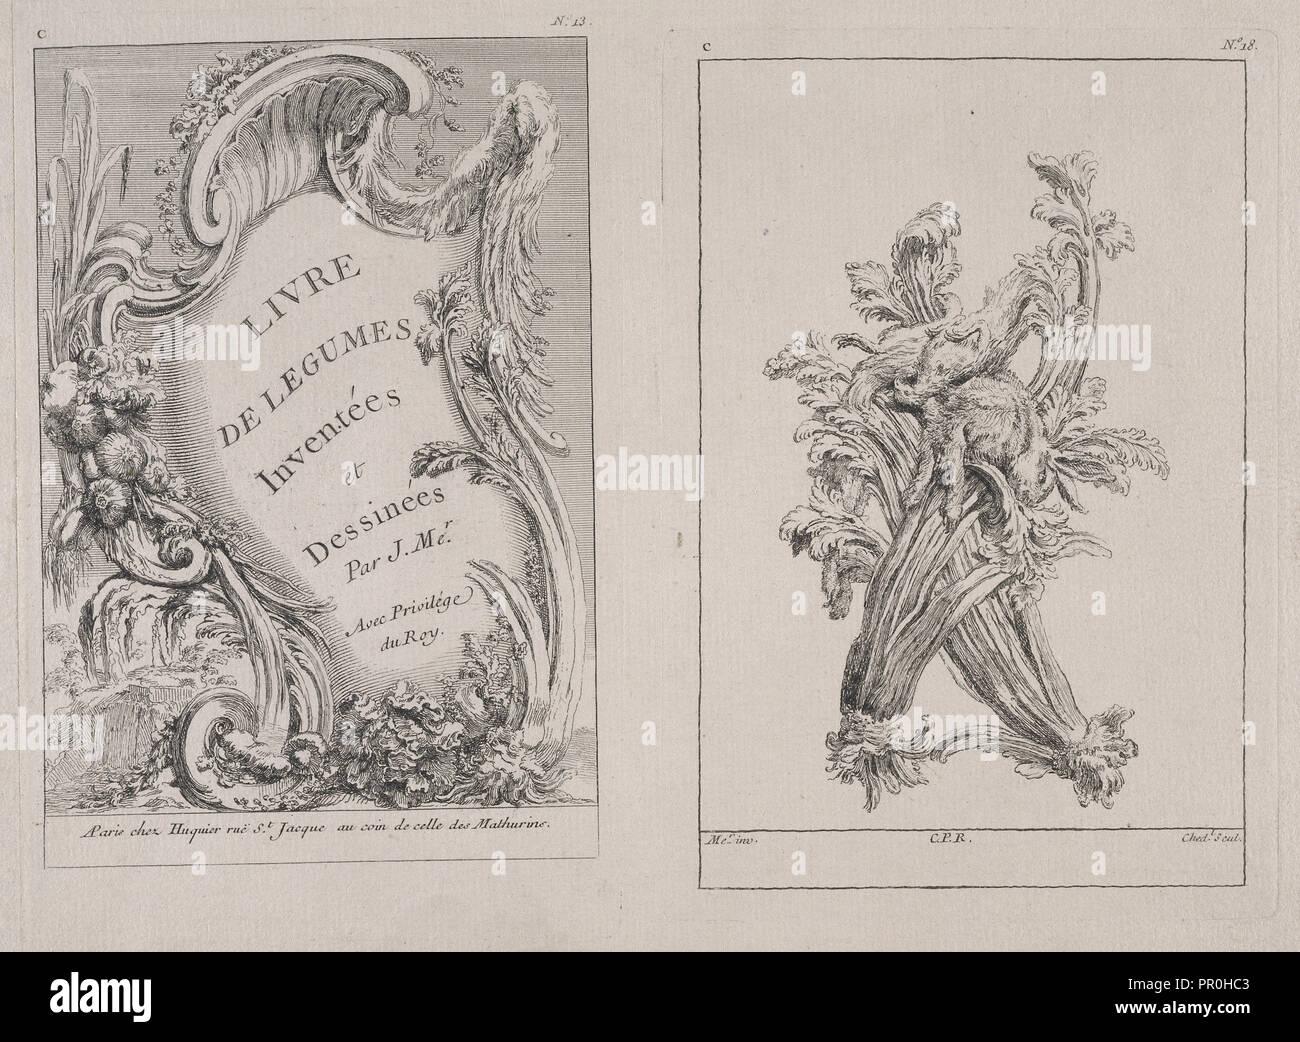 Plates C13 and C18 from the Livre de légumes inventées et dessinées par J. Me.r, Chedel, Pierre Quentin, 1705-1763, Huquier - Stock Image